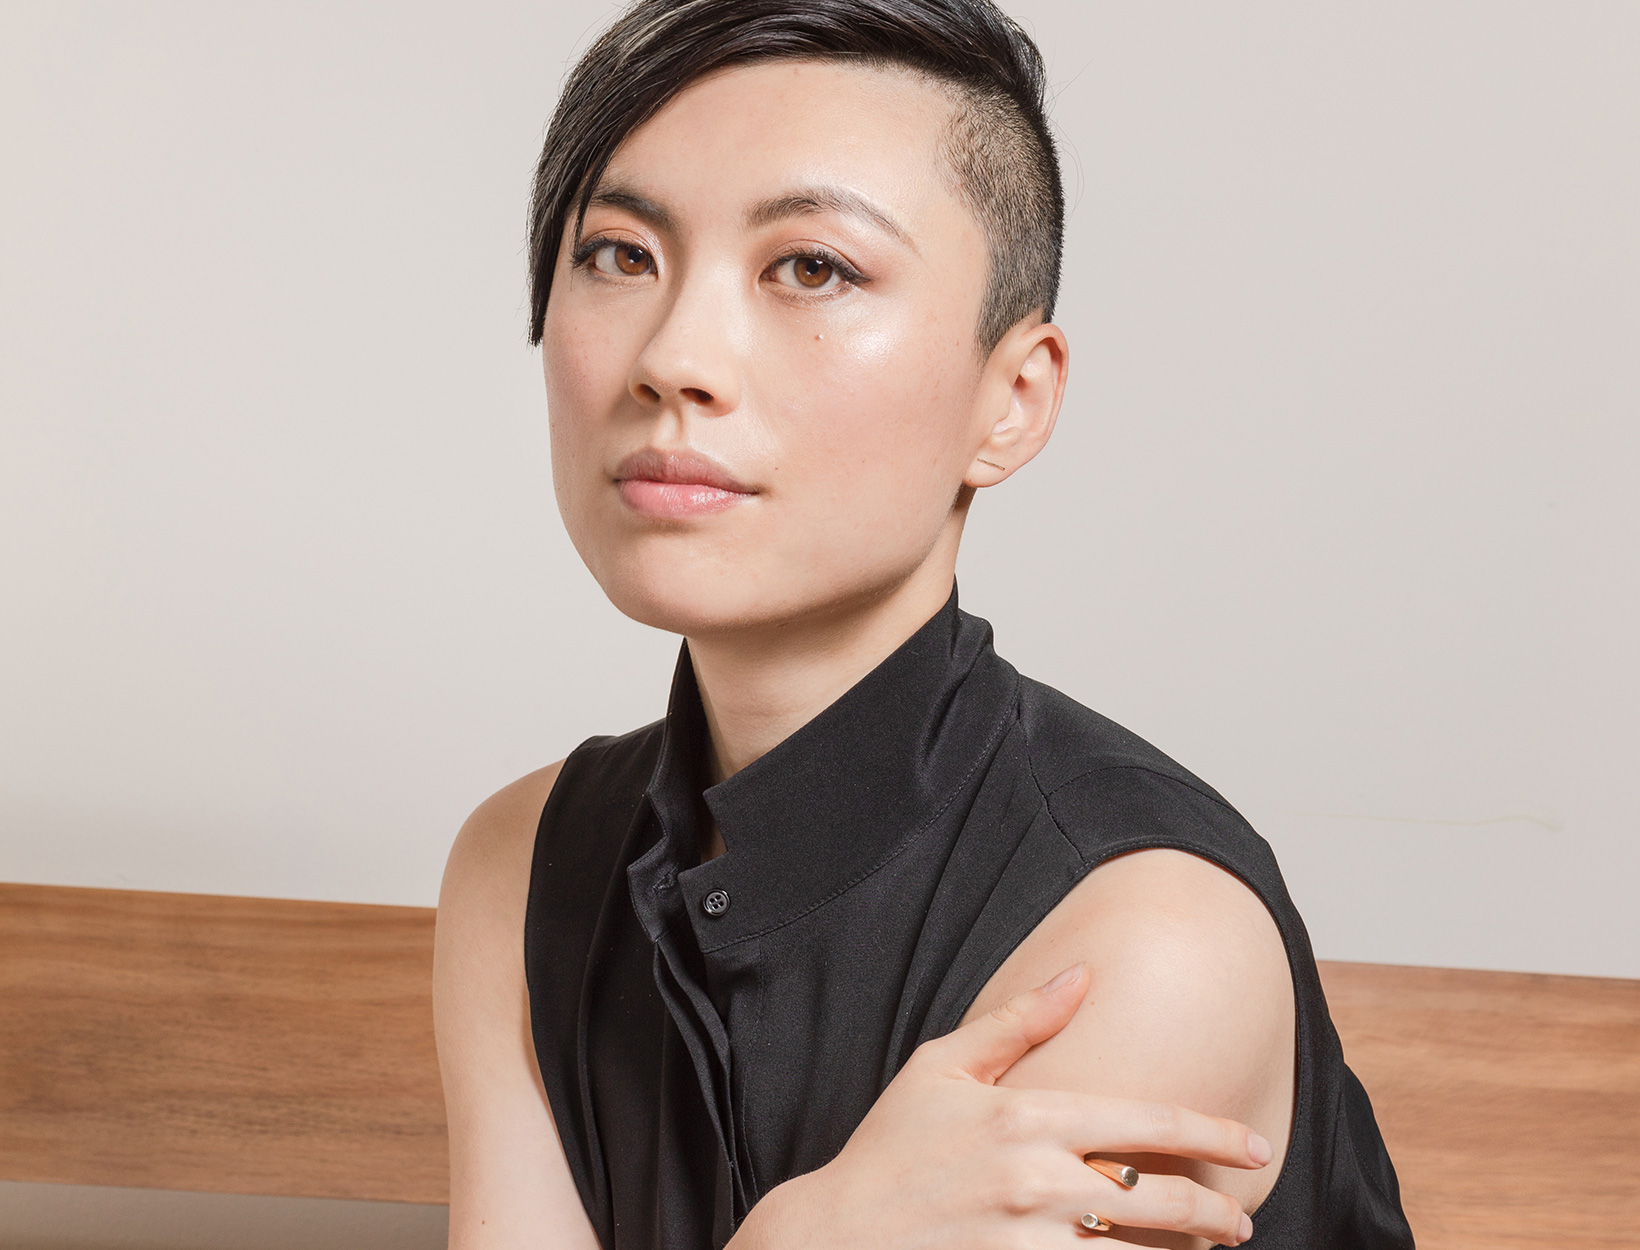 C Pam Zhang